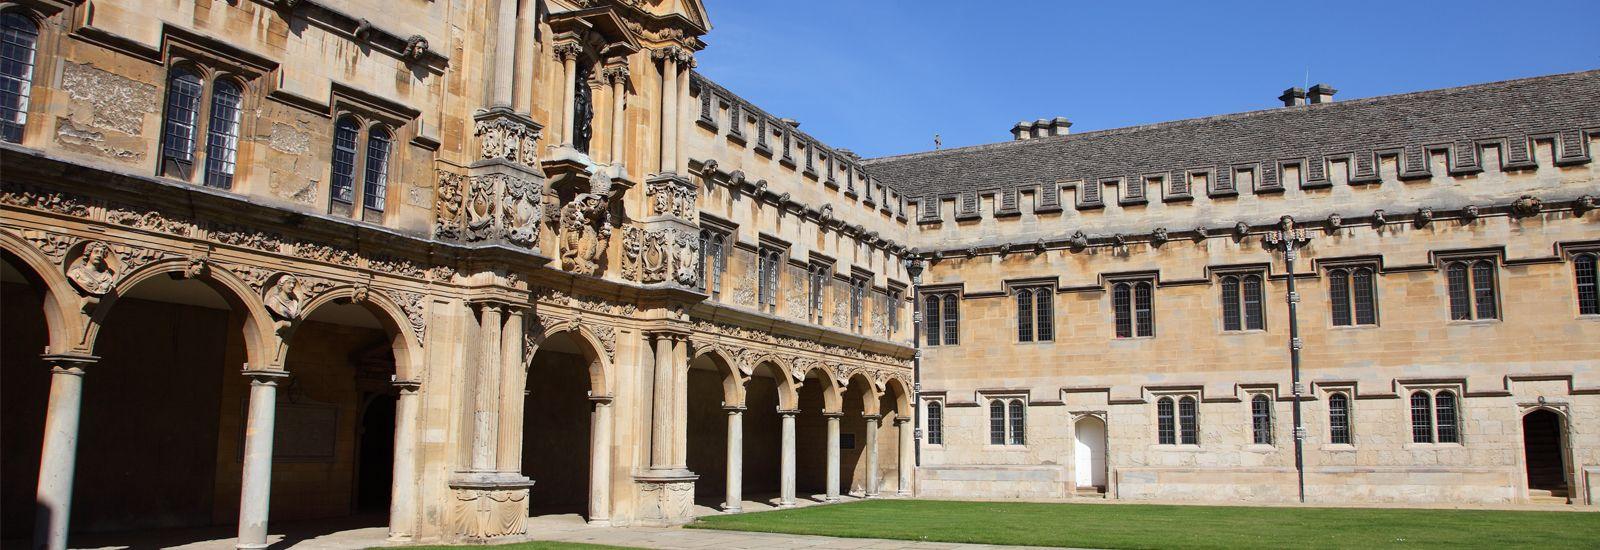 St John's College quad